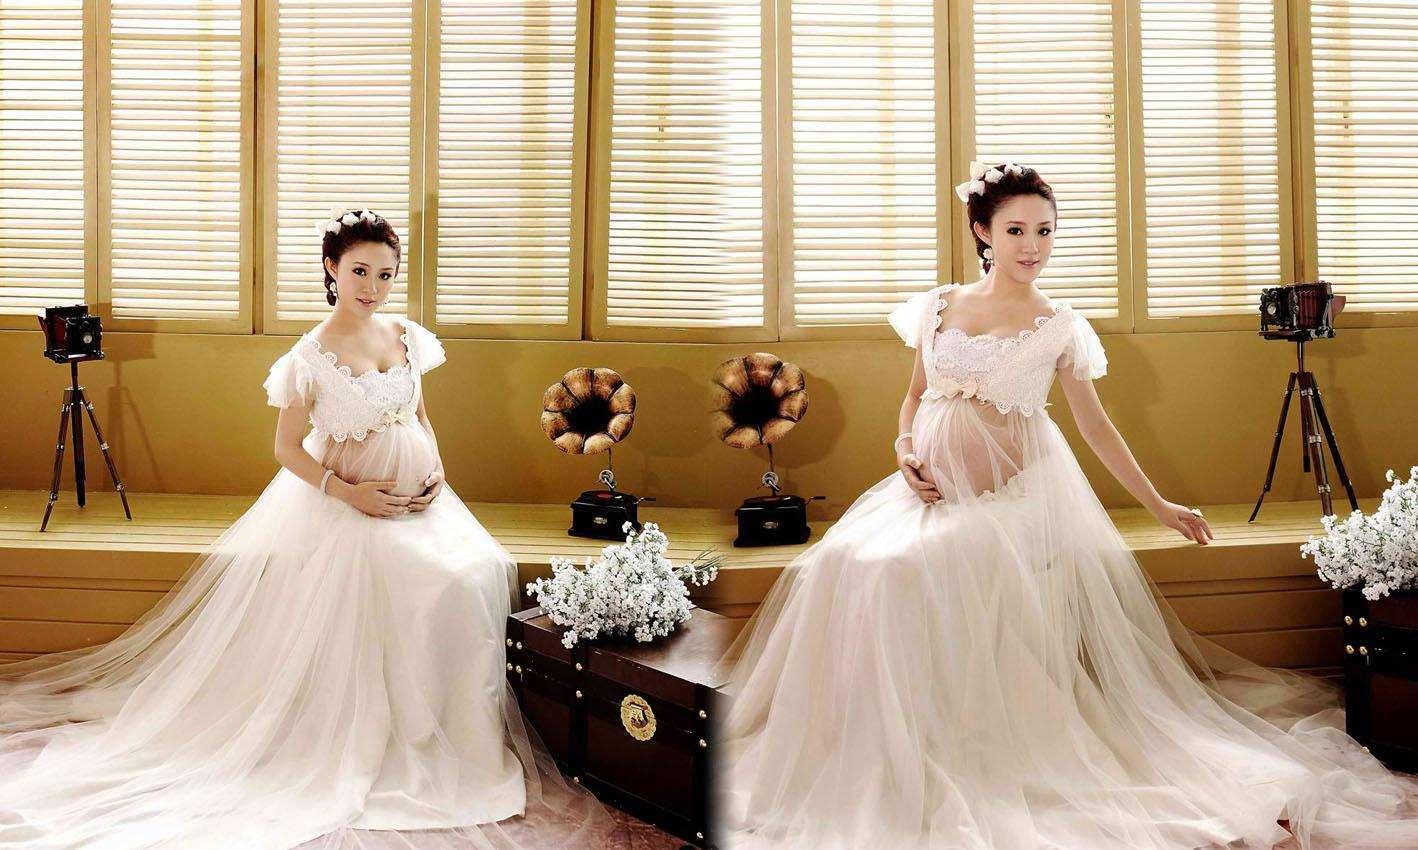 新娘的婚纱照图片_古装新娘婚纱照图片